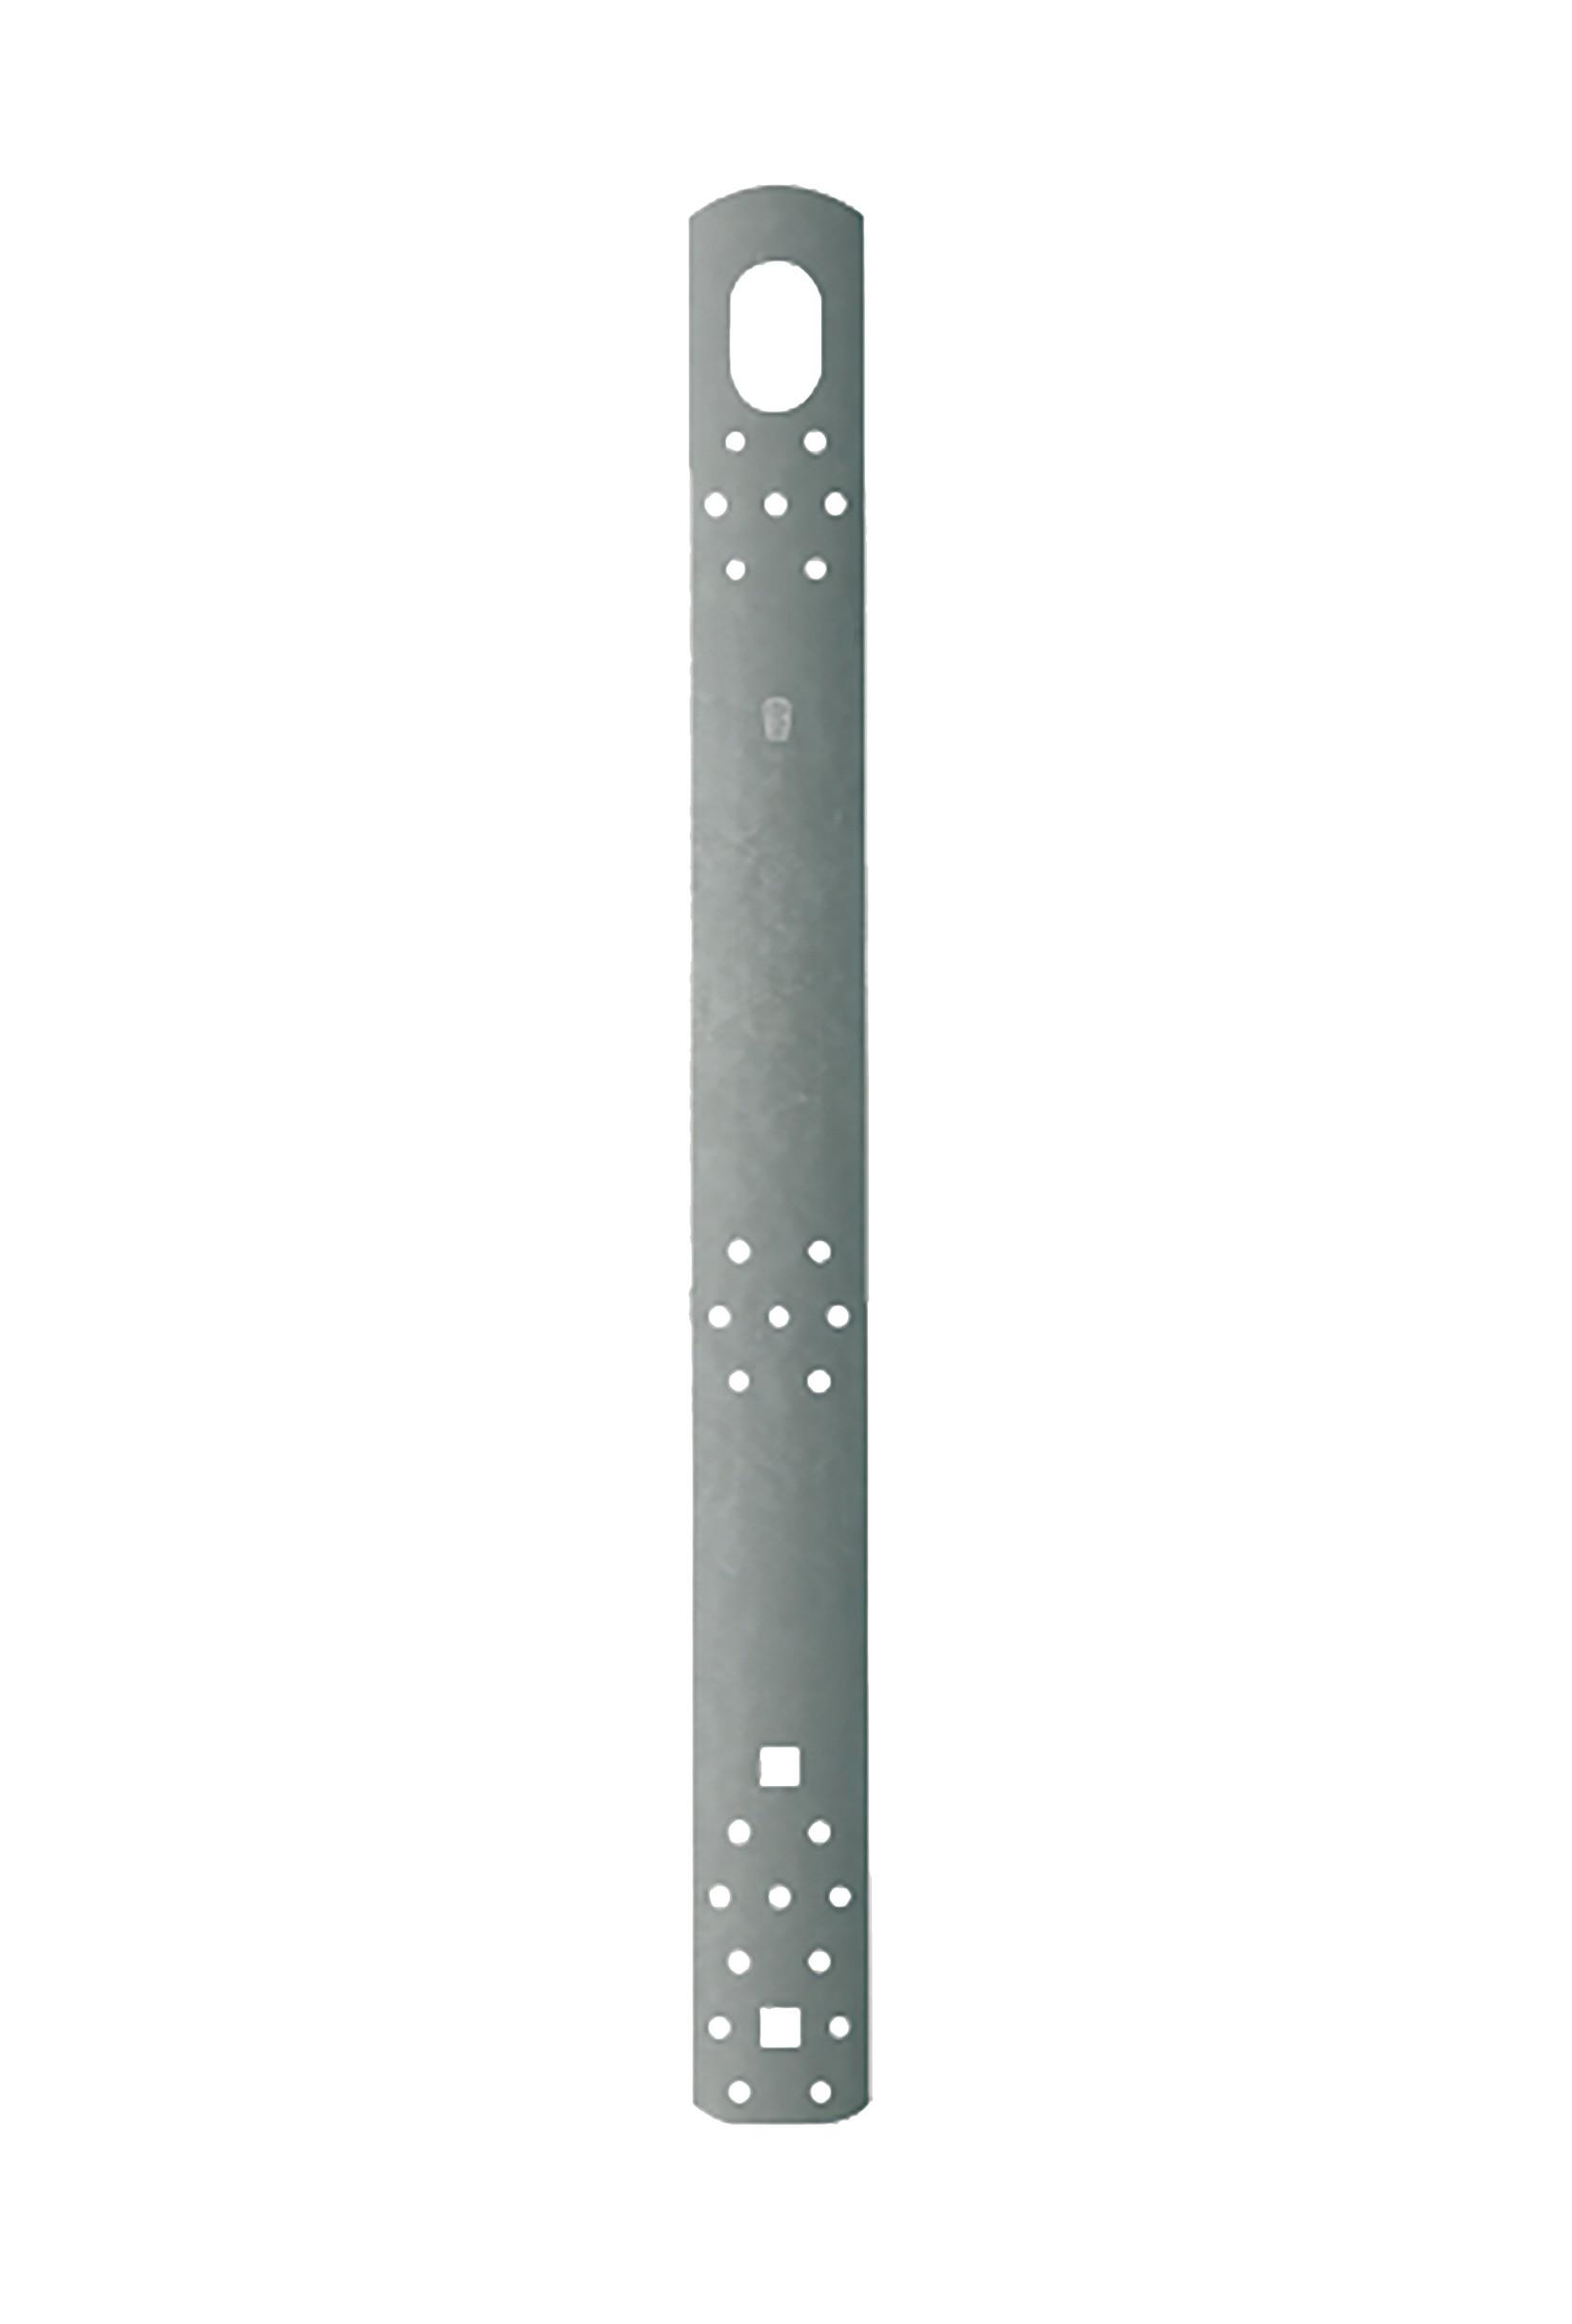 Anneaux de levage 600 57x2 SV